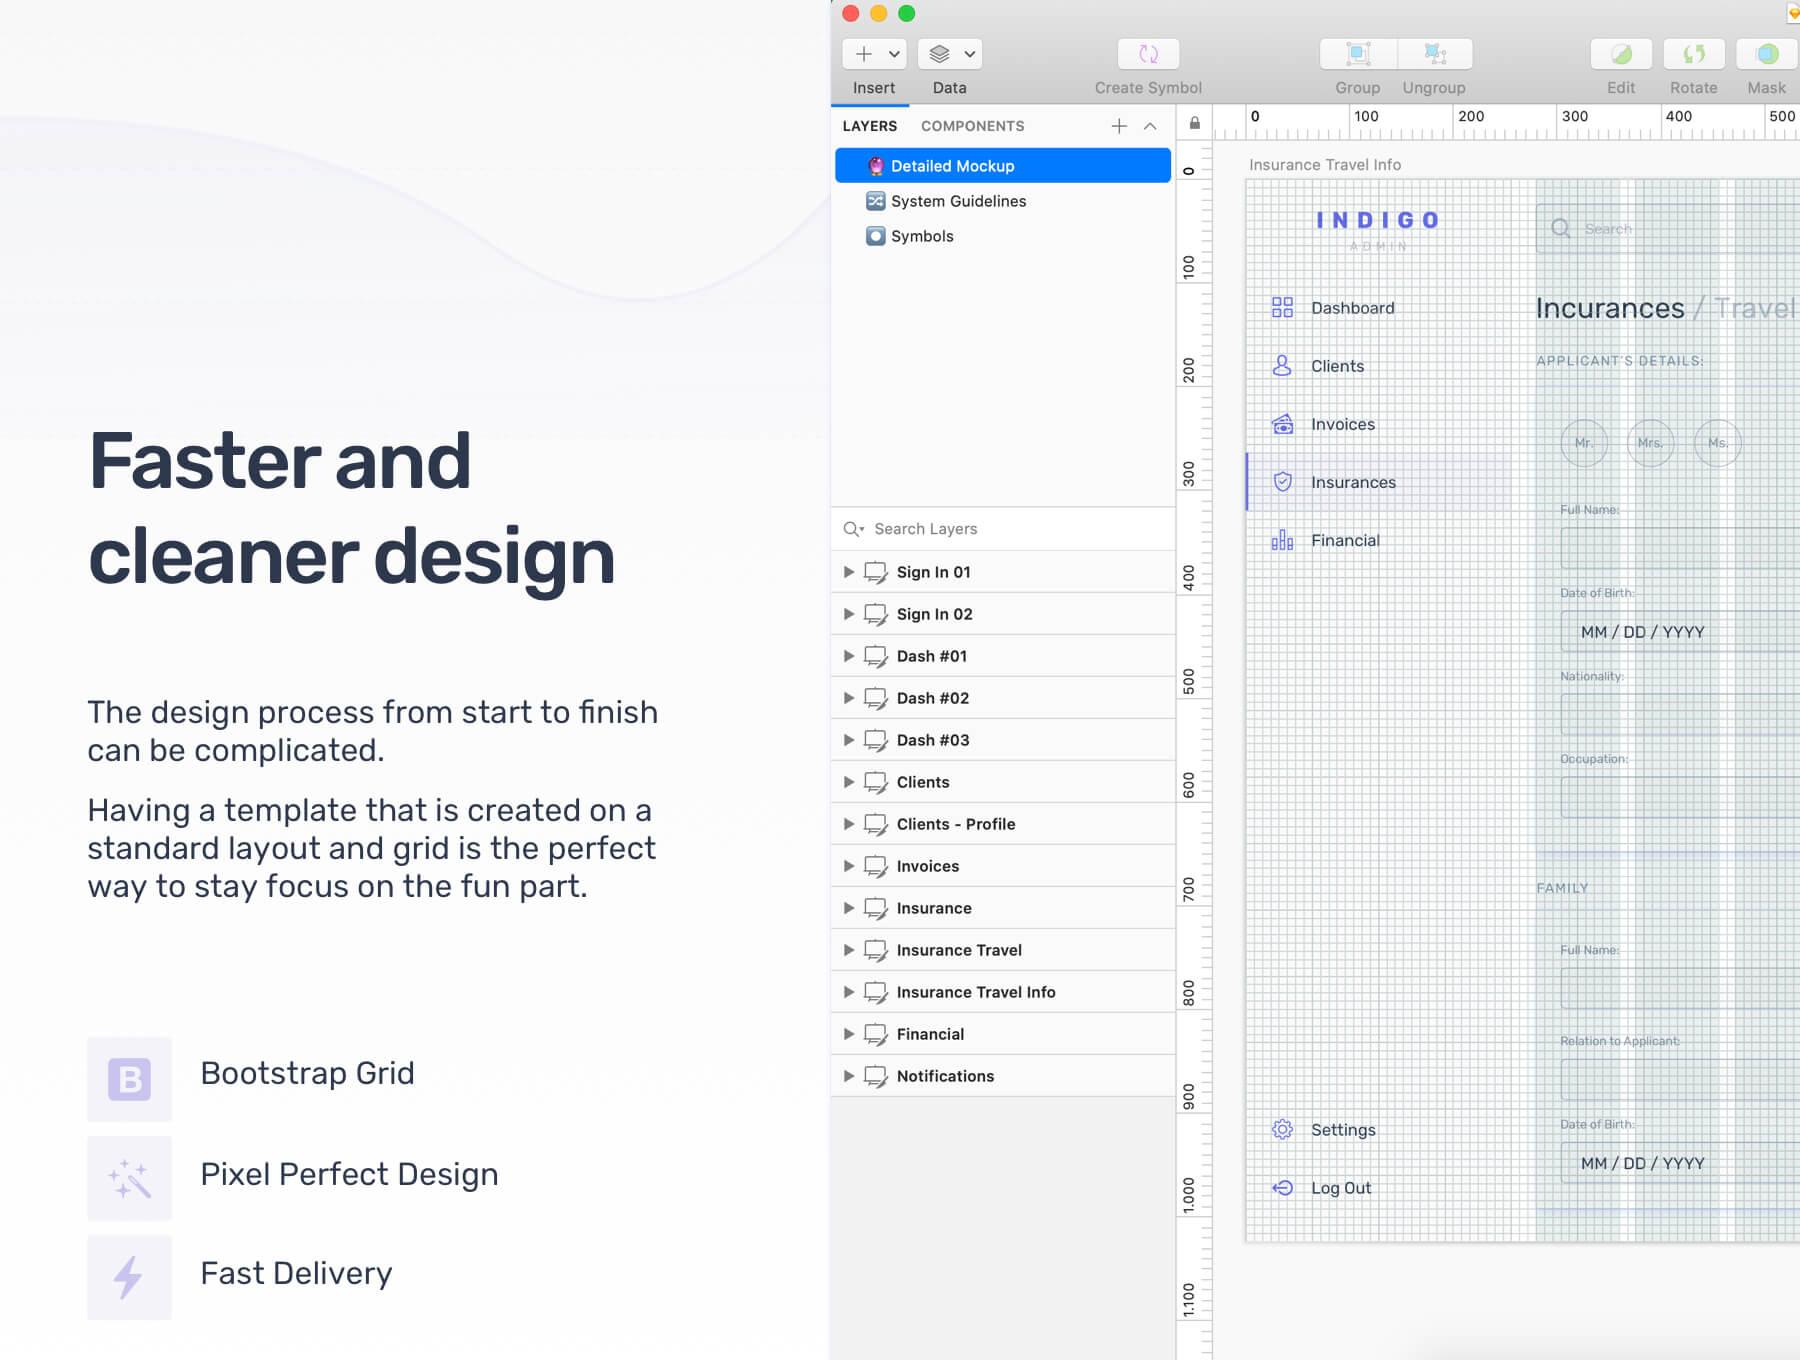 互联网中台系统仪表板Web UI套件模版素材下载 Indigo Insurance Admin Dashboard Web UI Kit插图(3)